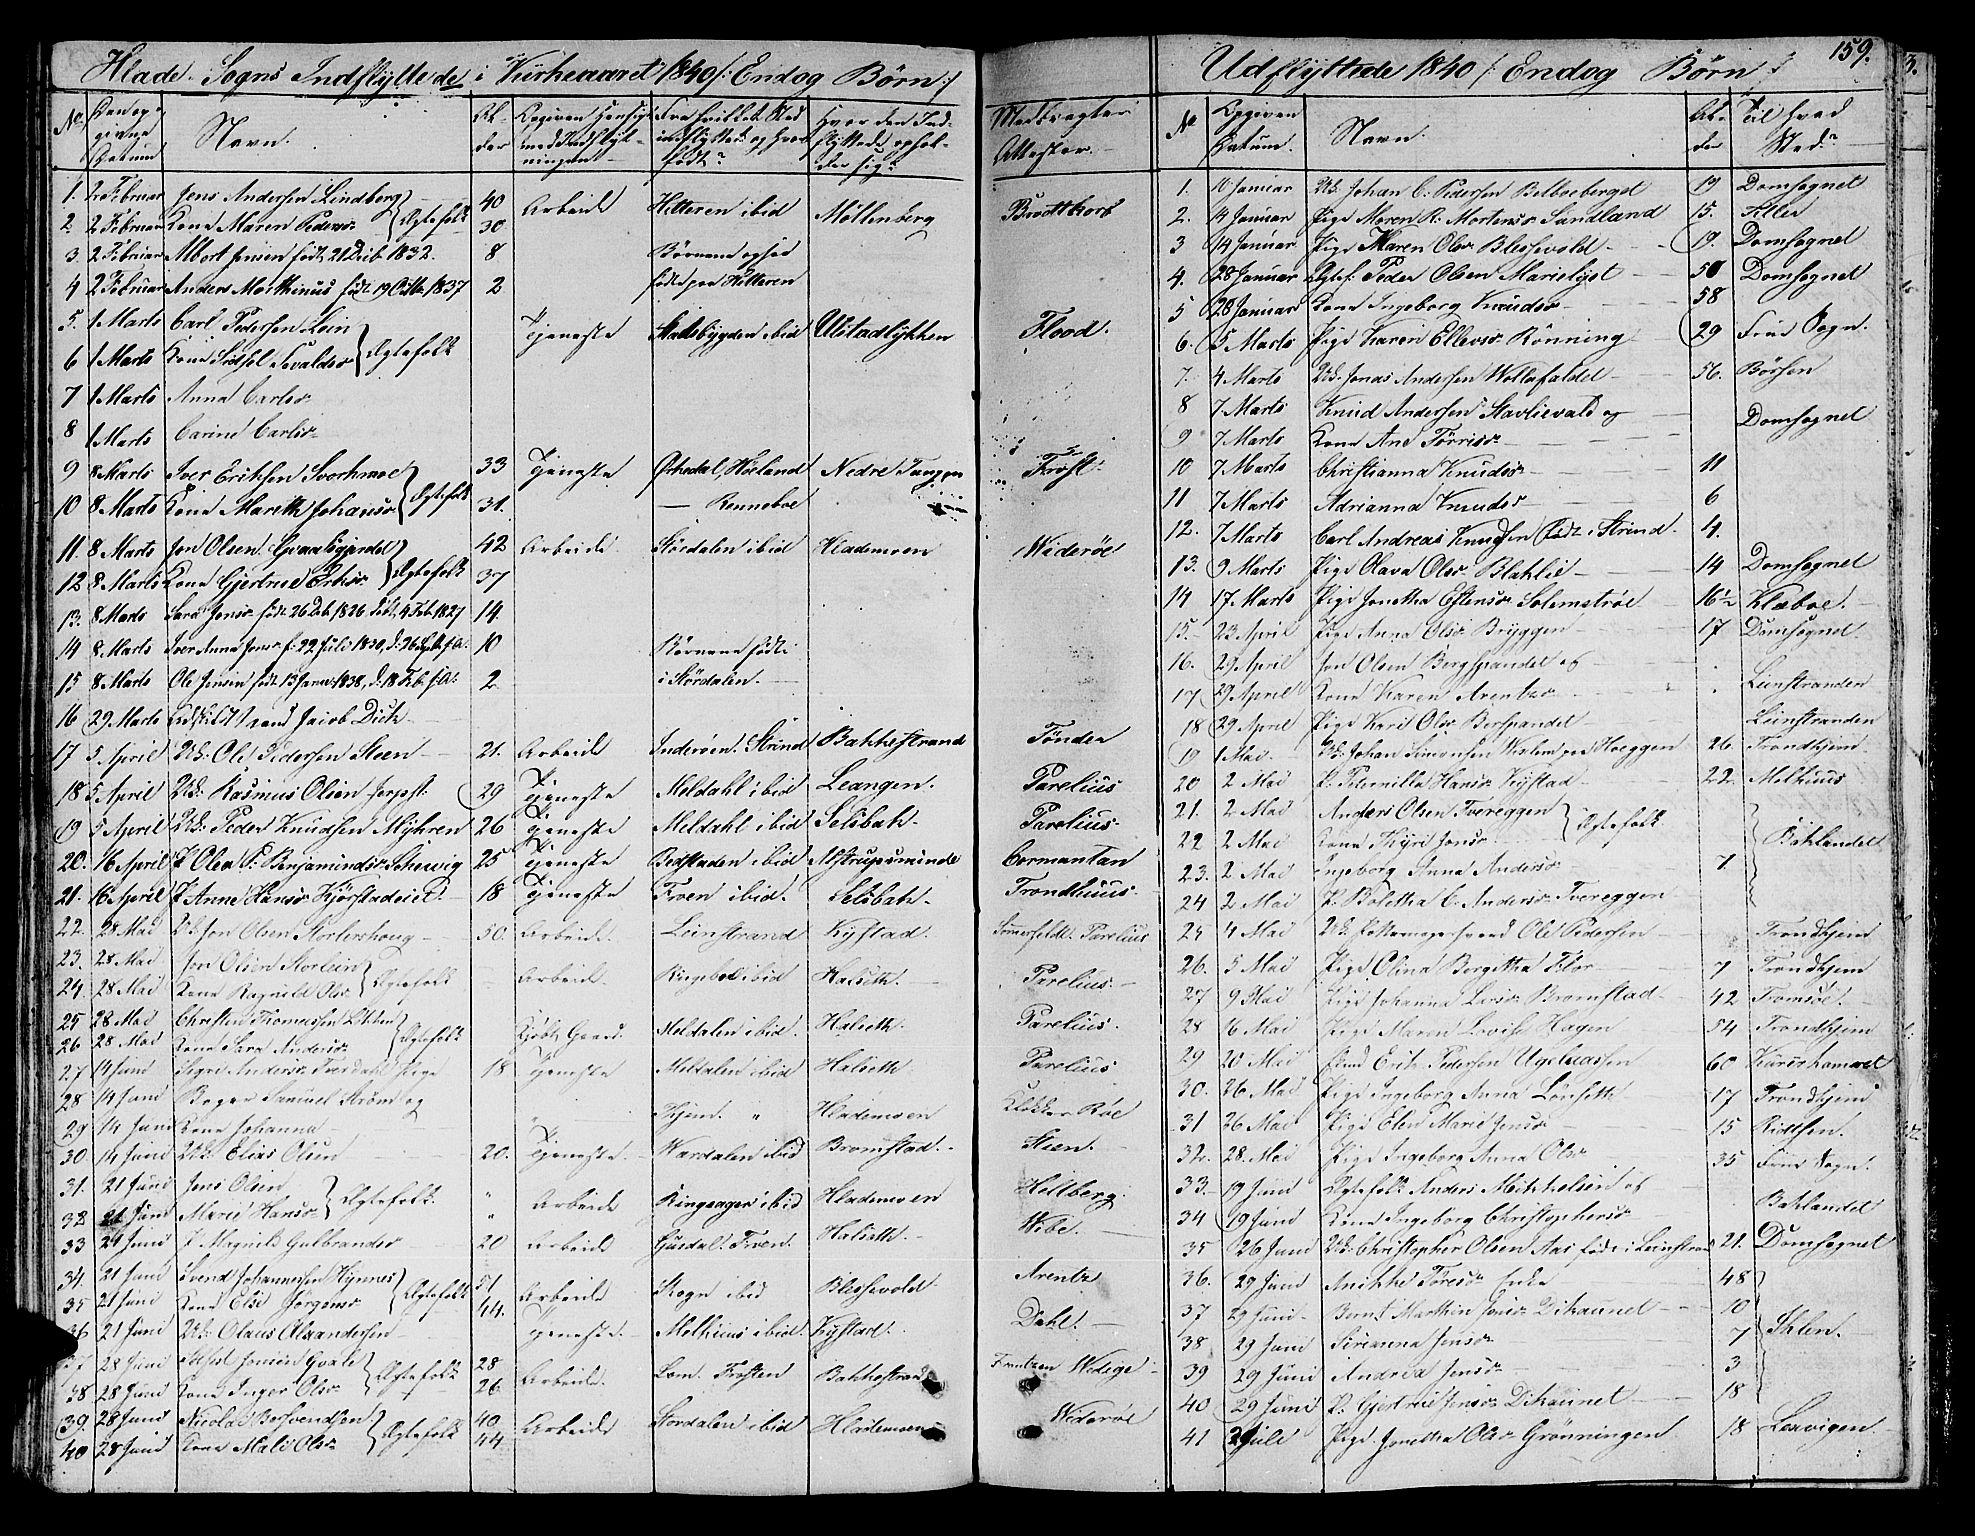 SAT, Ministerialprotokoller, klokkerbøker og fødselsregistre - Sør-Trøndelag, 606/L0308: Klokkerbok nr. 606C04, 1829-1840, s. 159